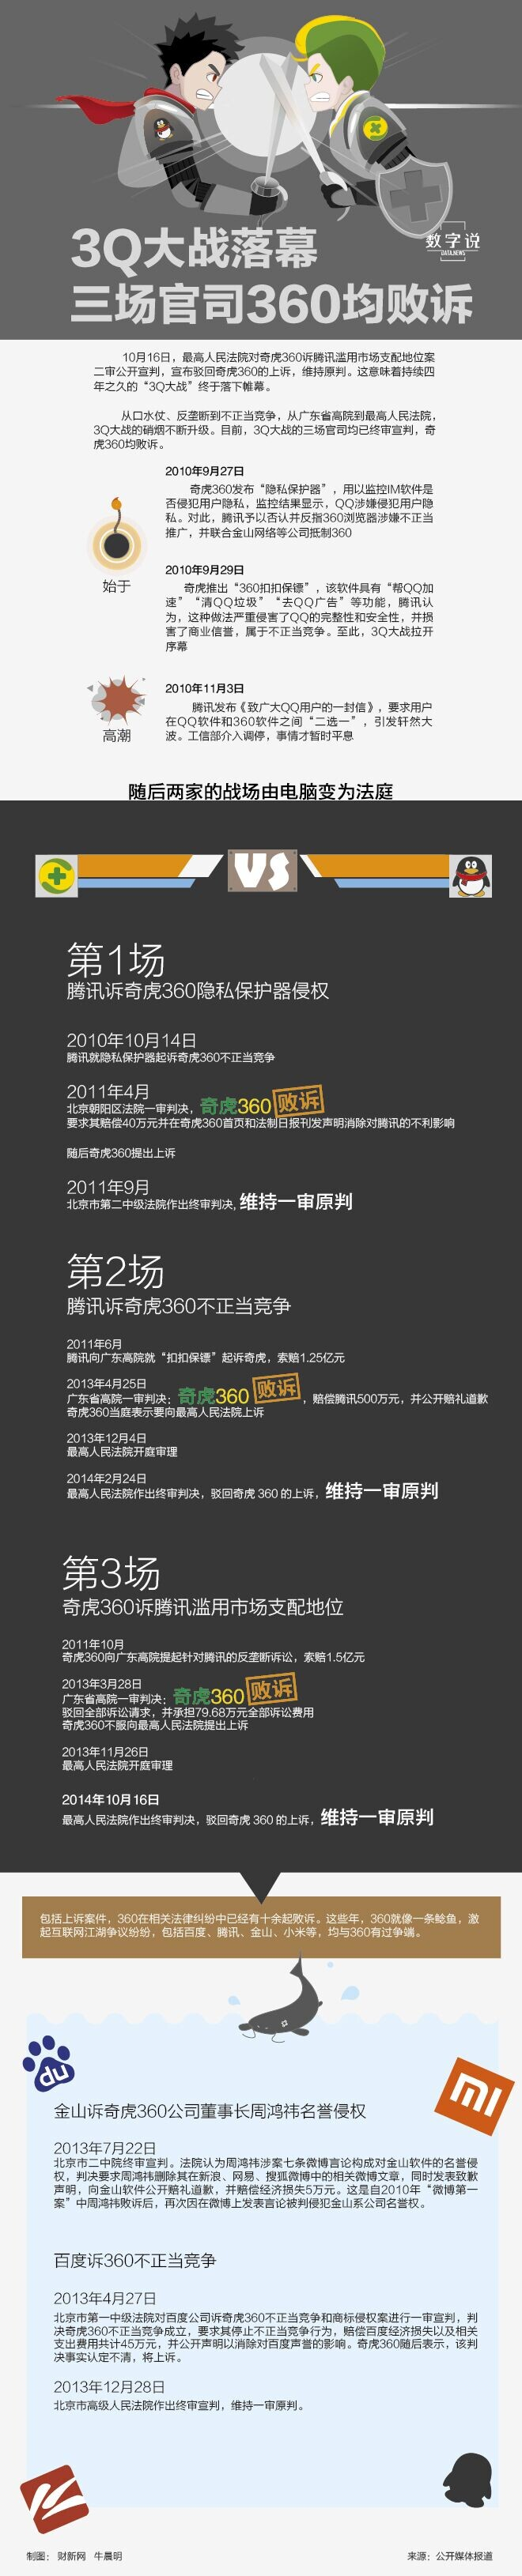 舟大师杂说网络营销